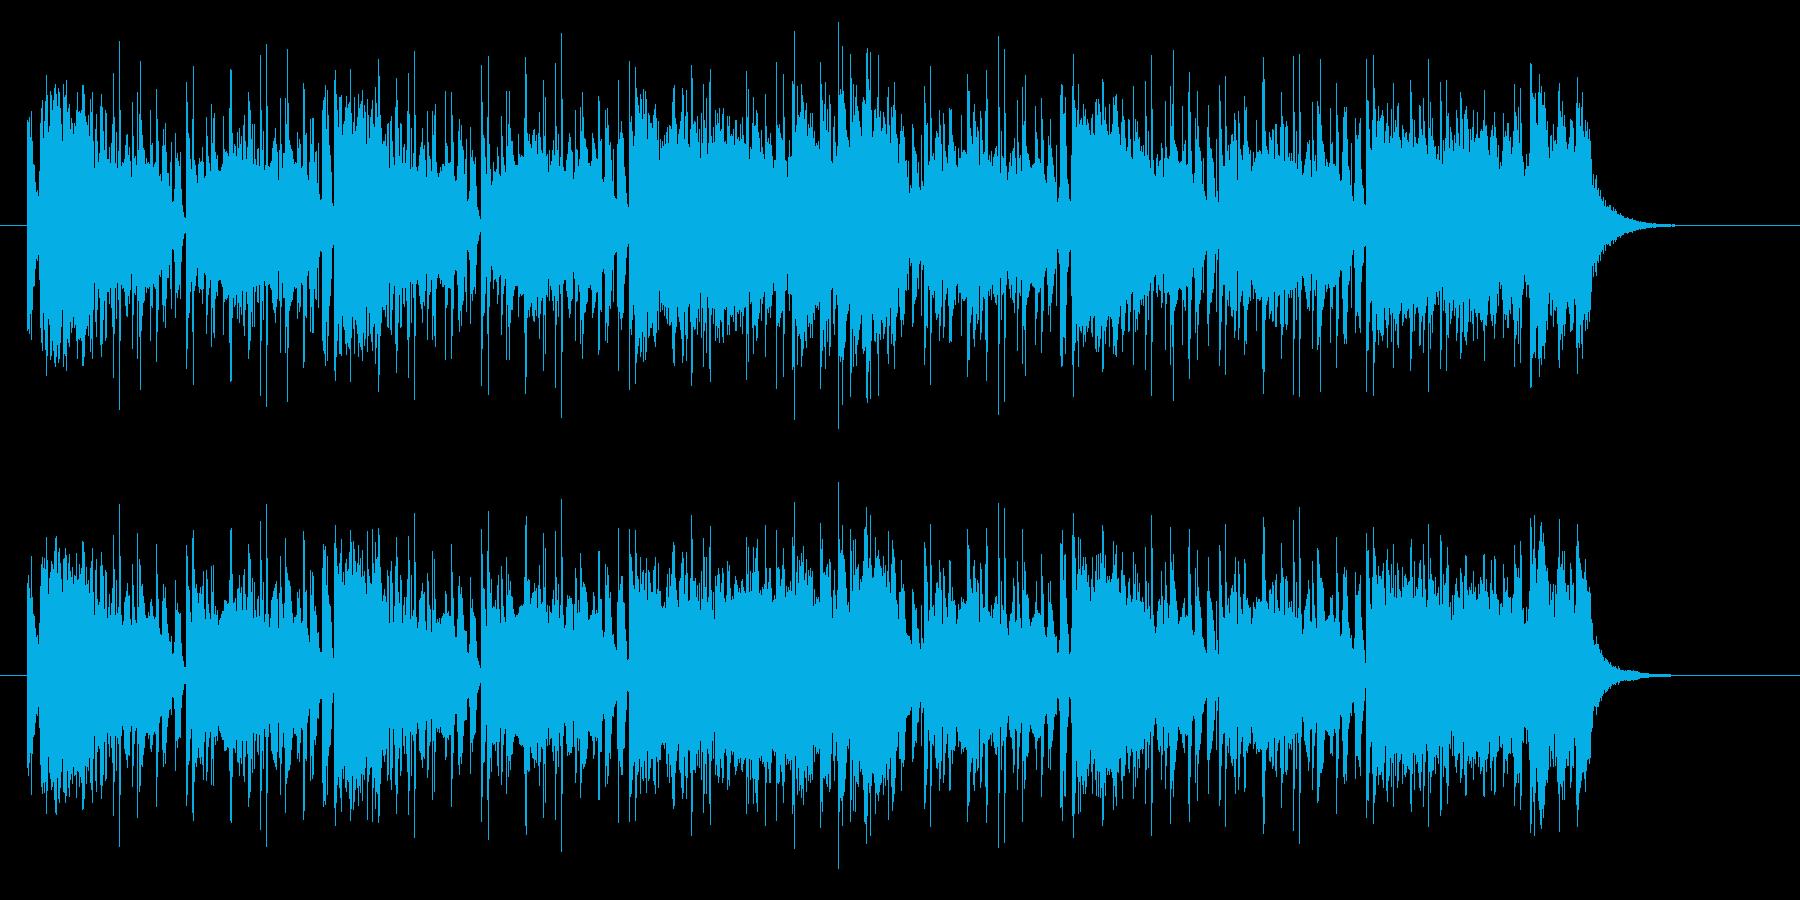 シンセサイザーのカッコいいポップスの再生済みの波形